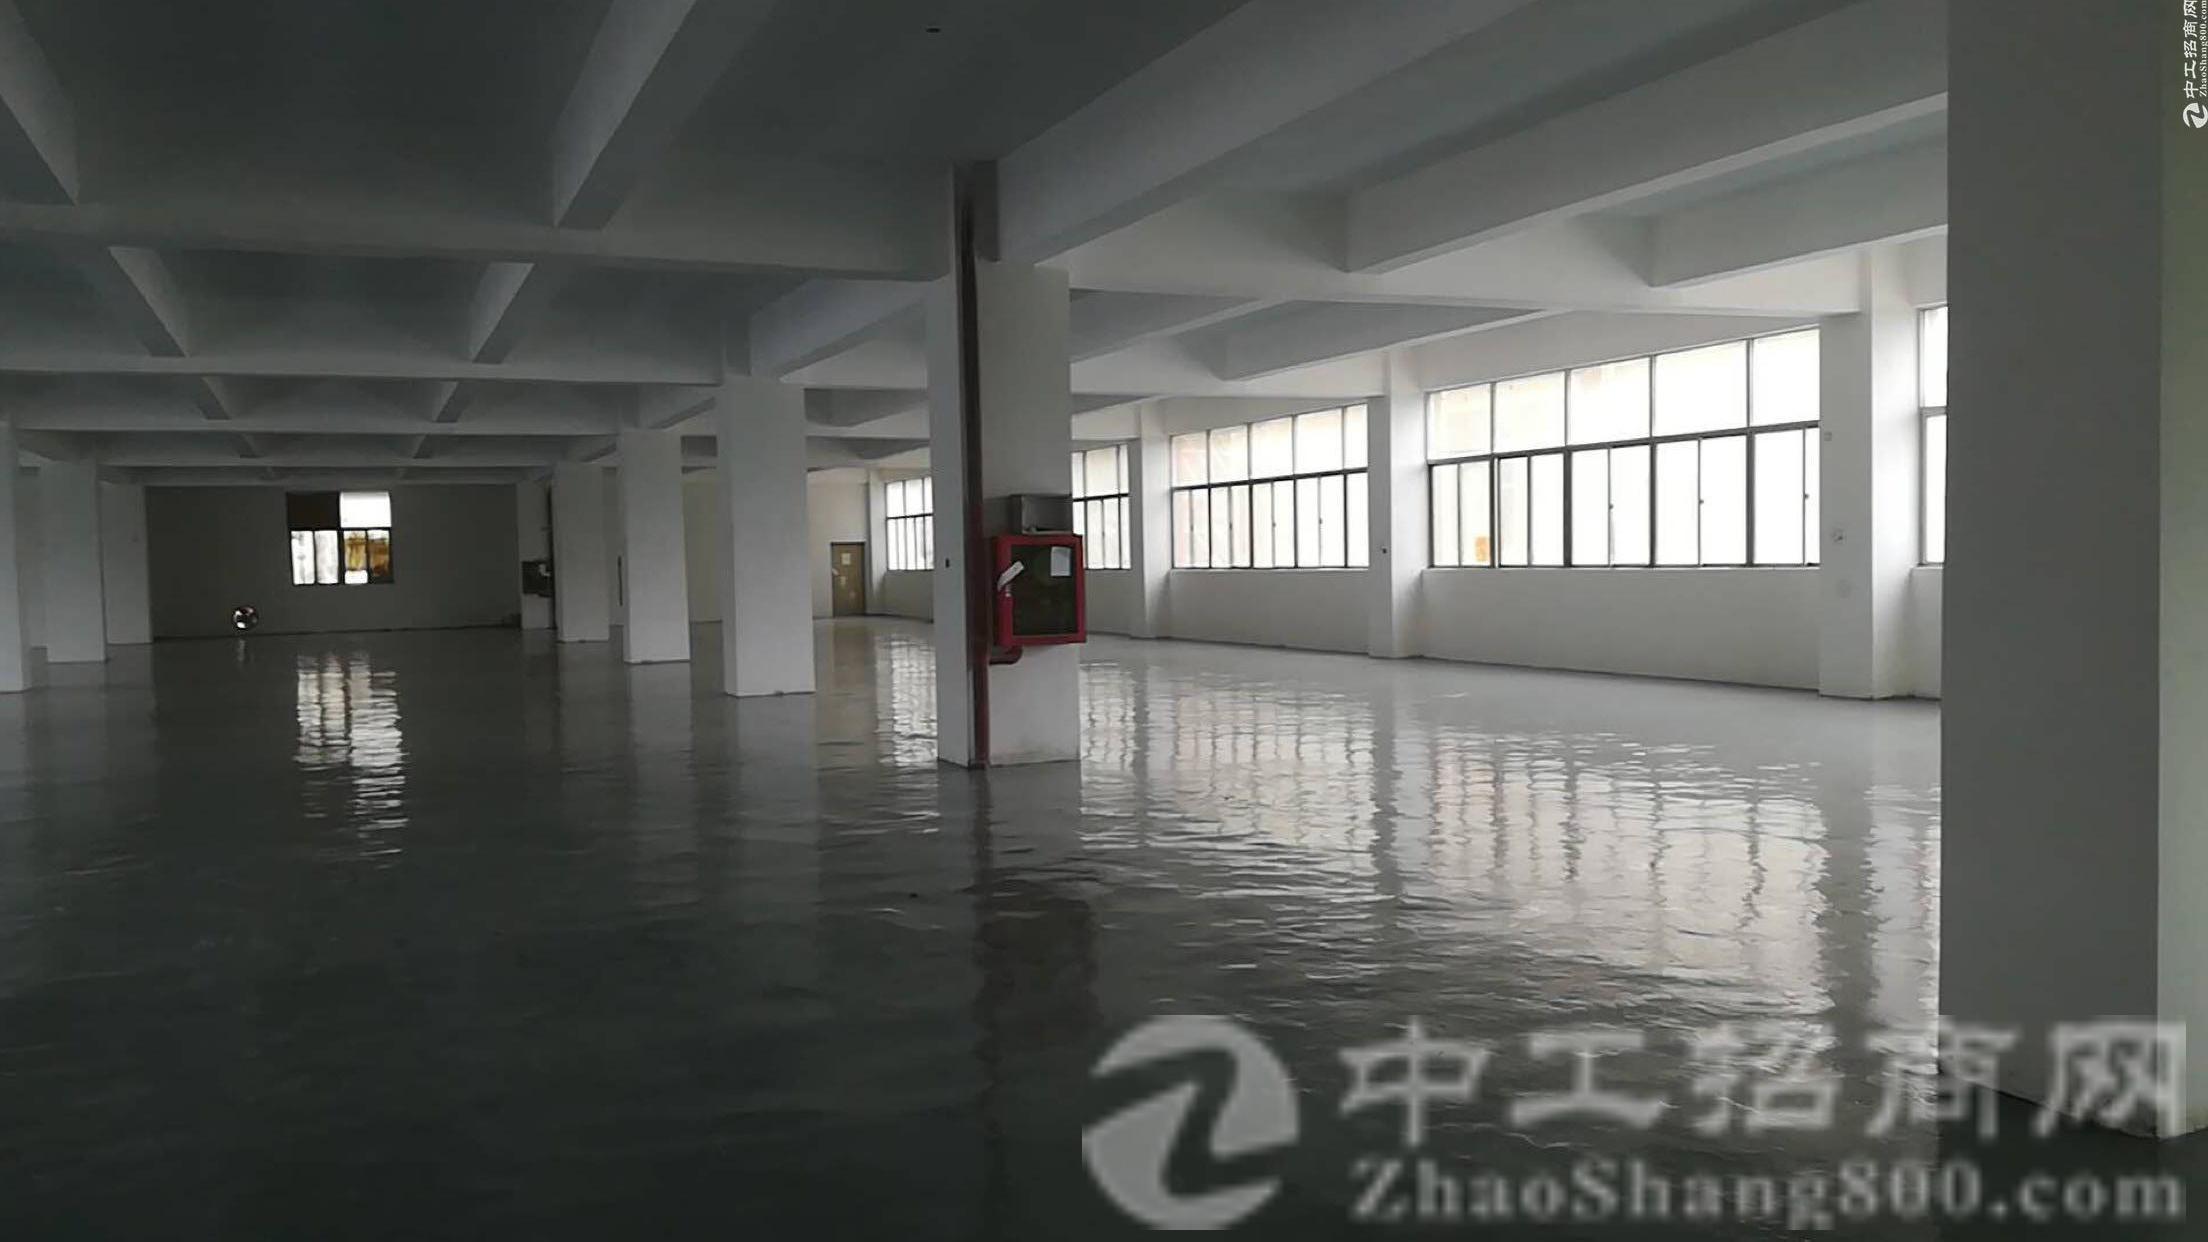 三屯村原房东自建工业园强势开盘,剩余尾盘1500平方低价甩租